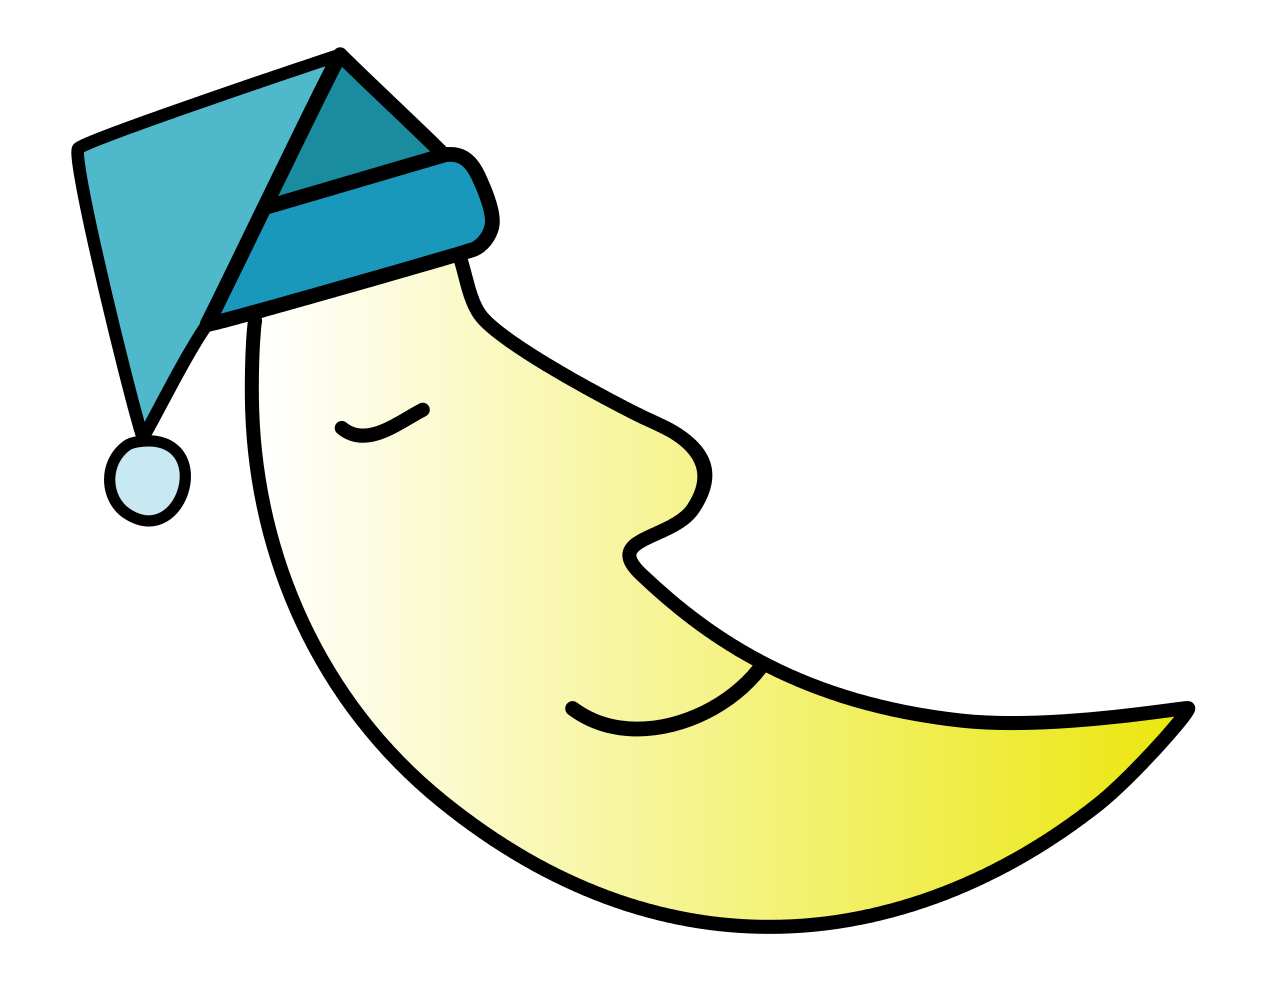 Clipart moon sleep.